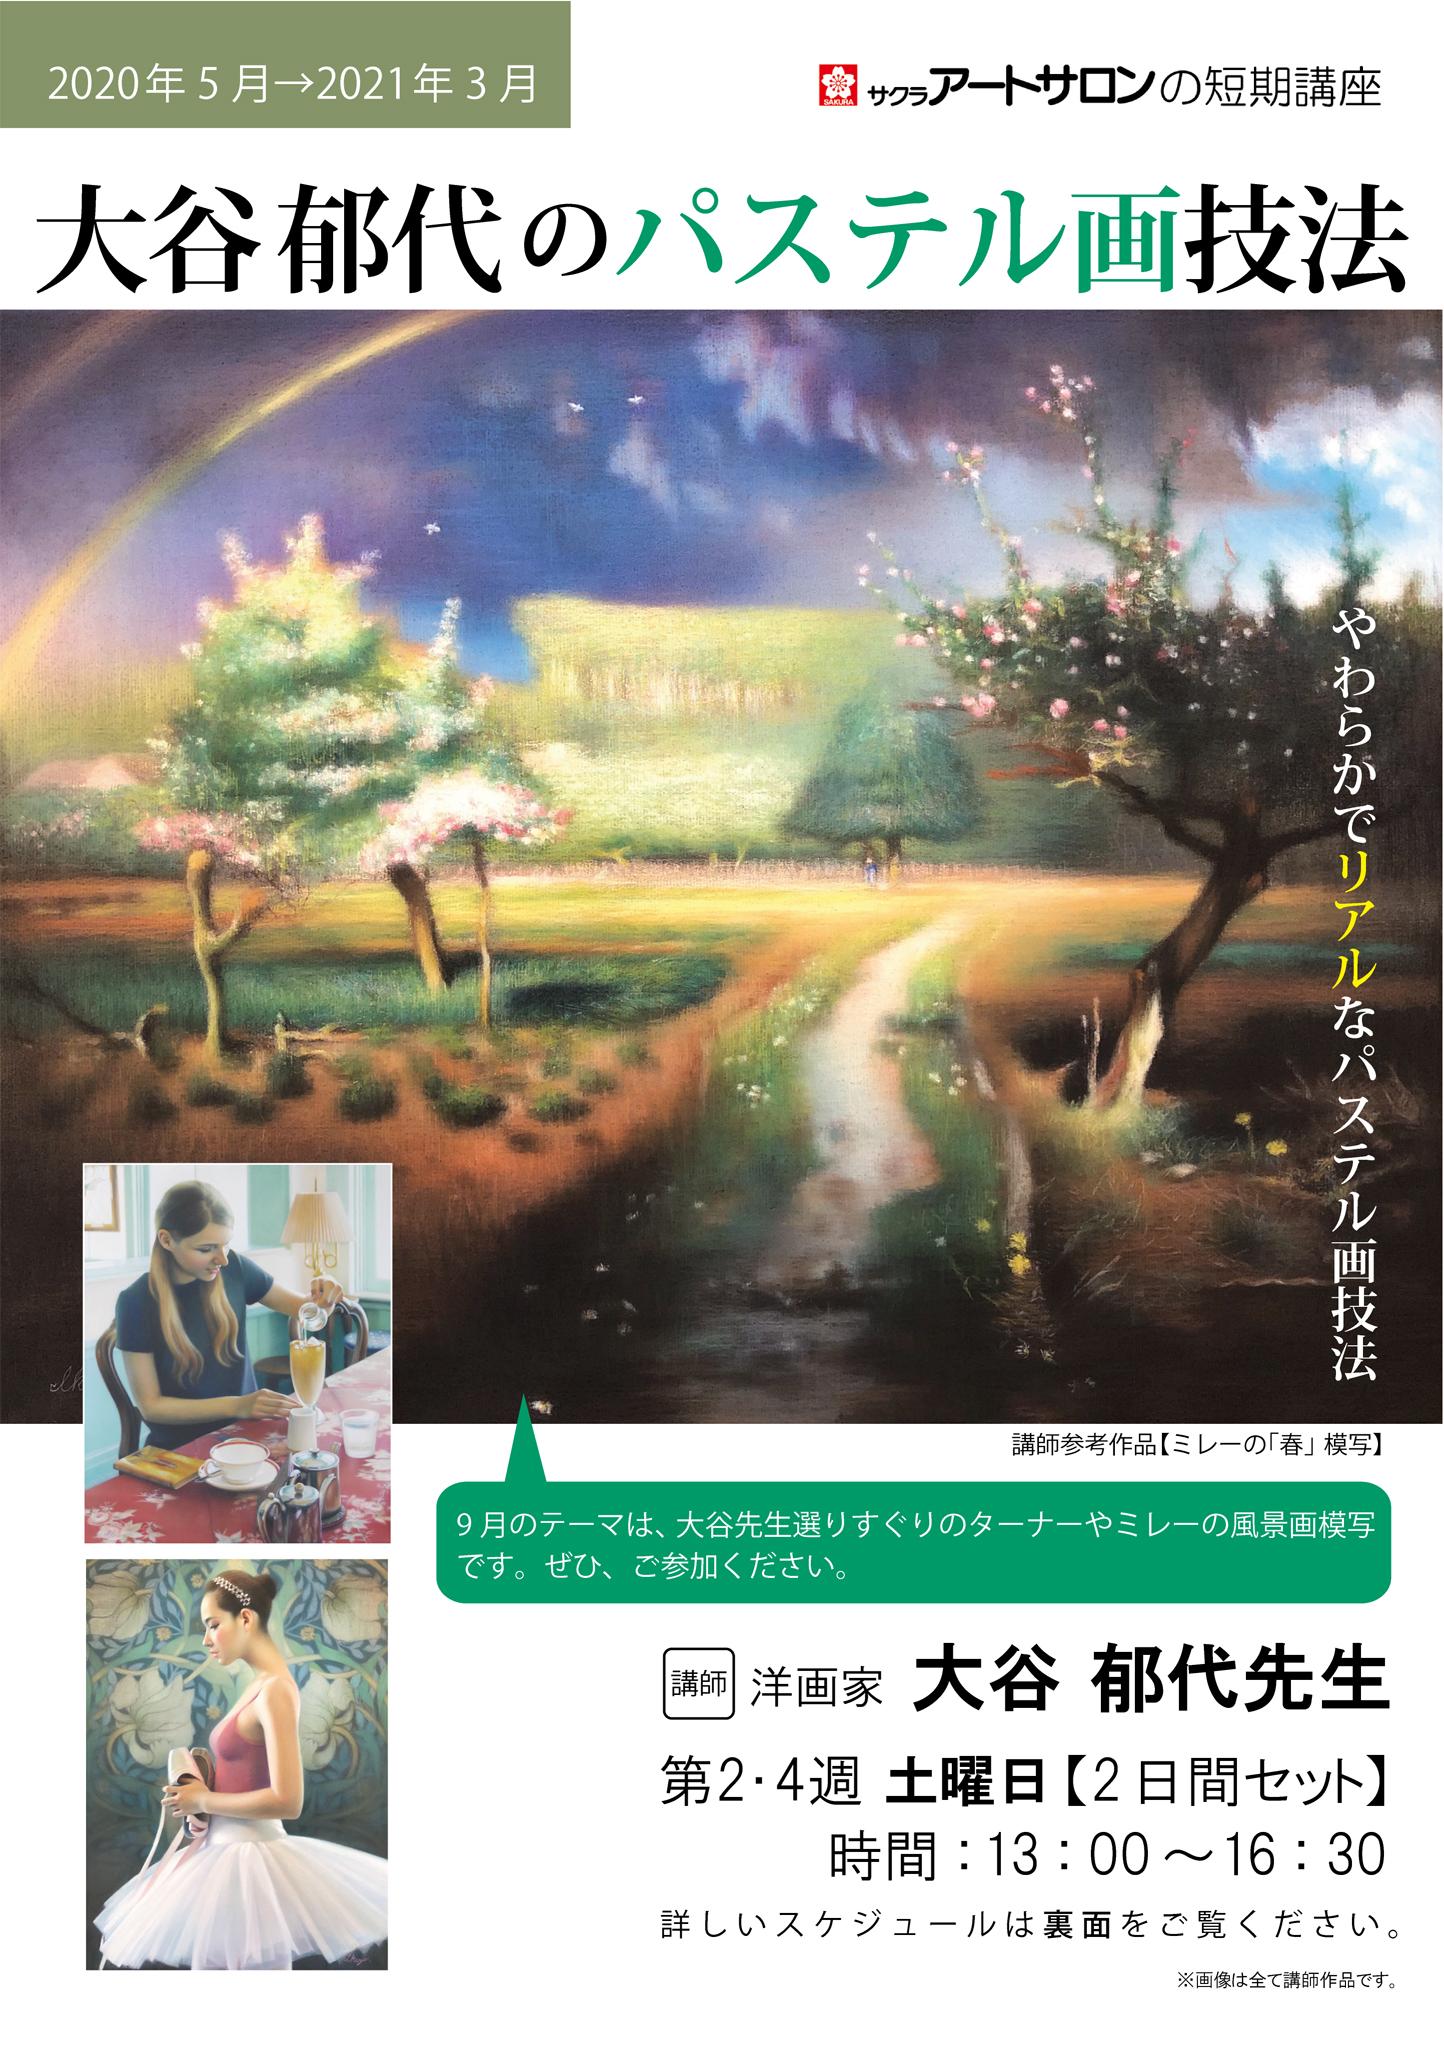 2020隔月土曜日講習会(ミレー表紙)HP.jpg